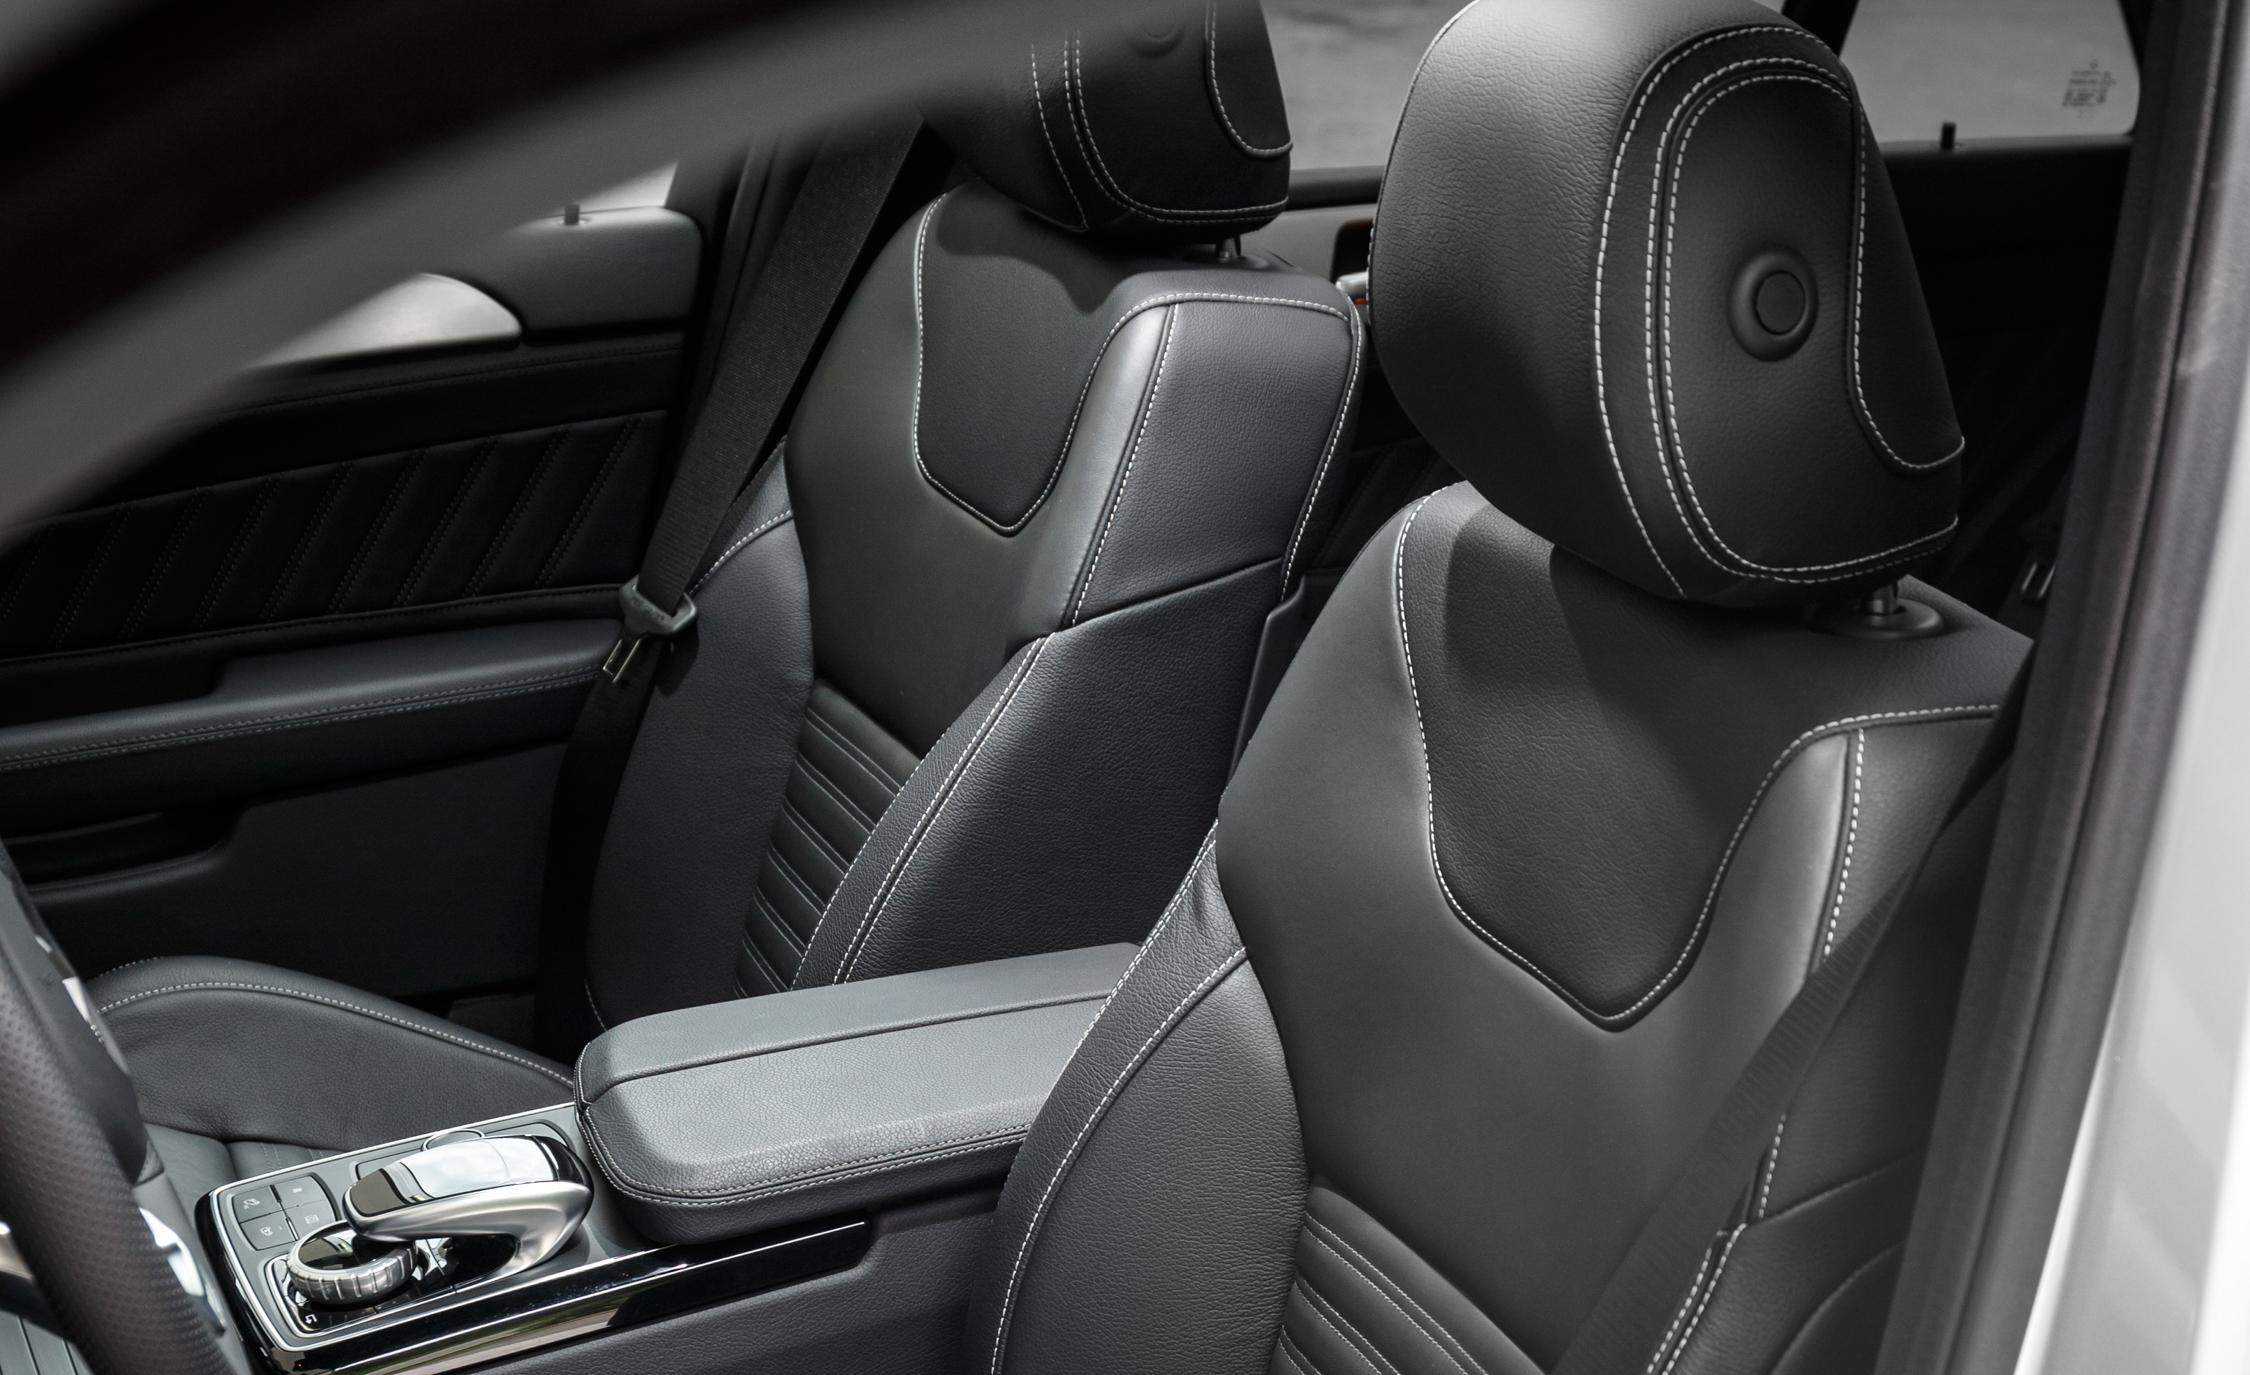 2016 Mercedes-Benz GLE500e 4MATIC Interior Front Seats